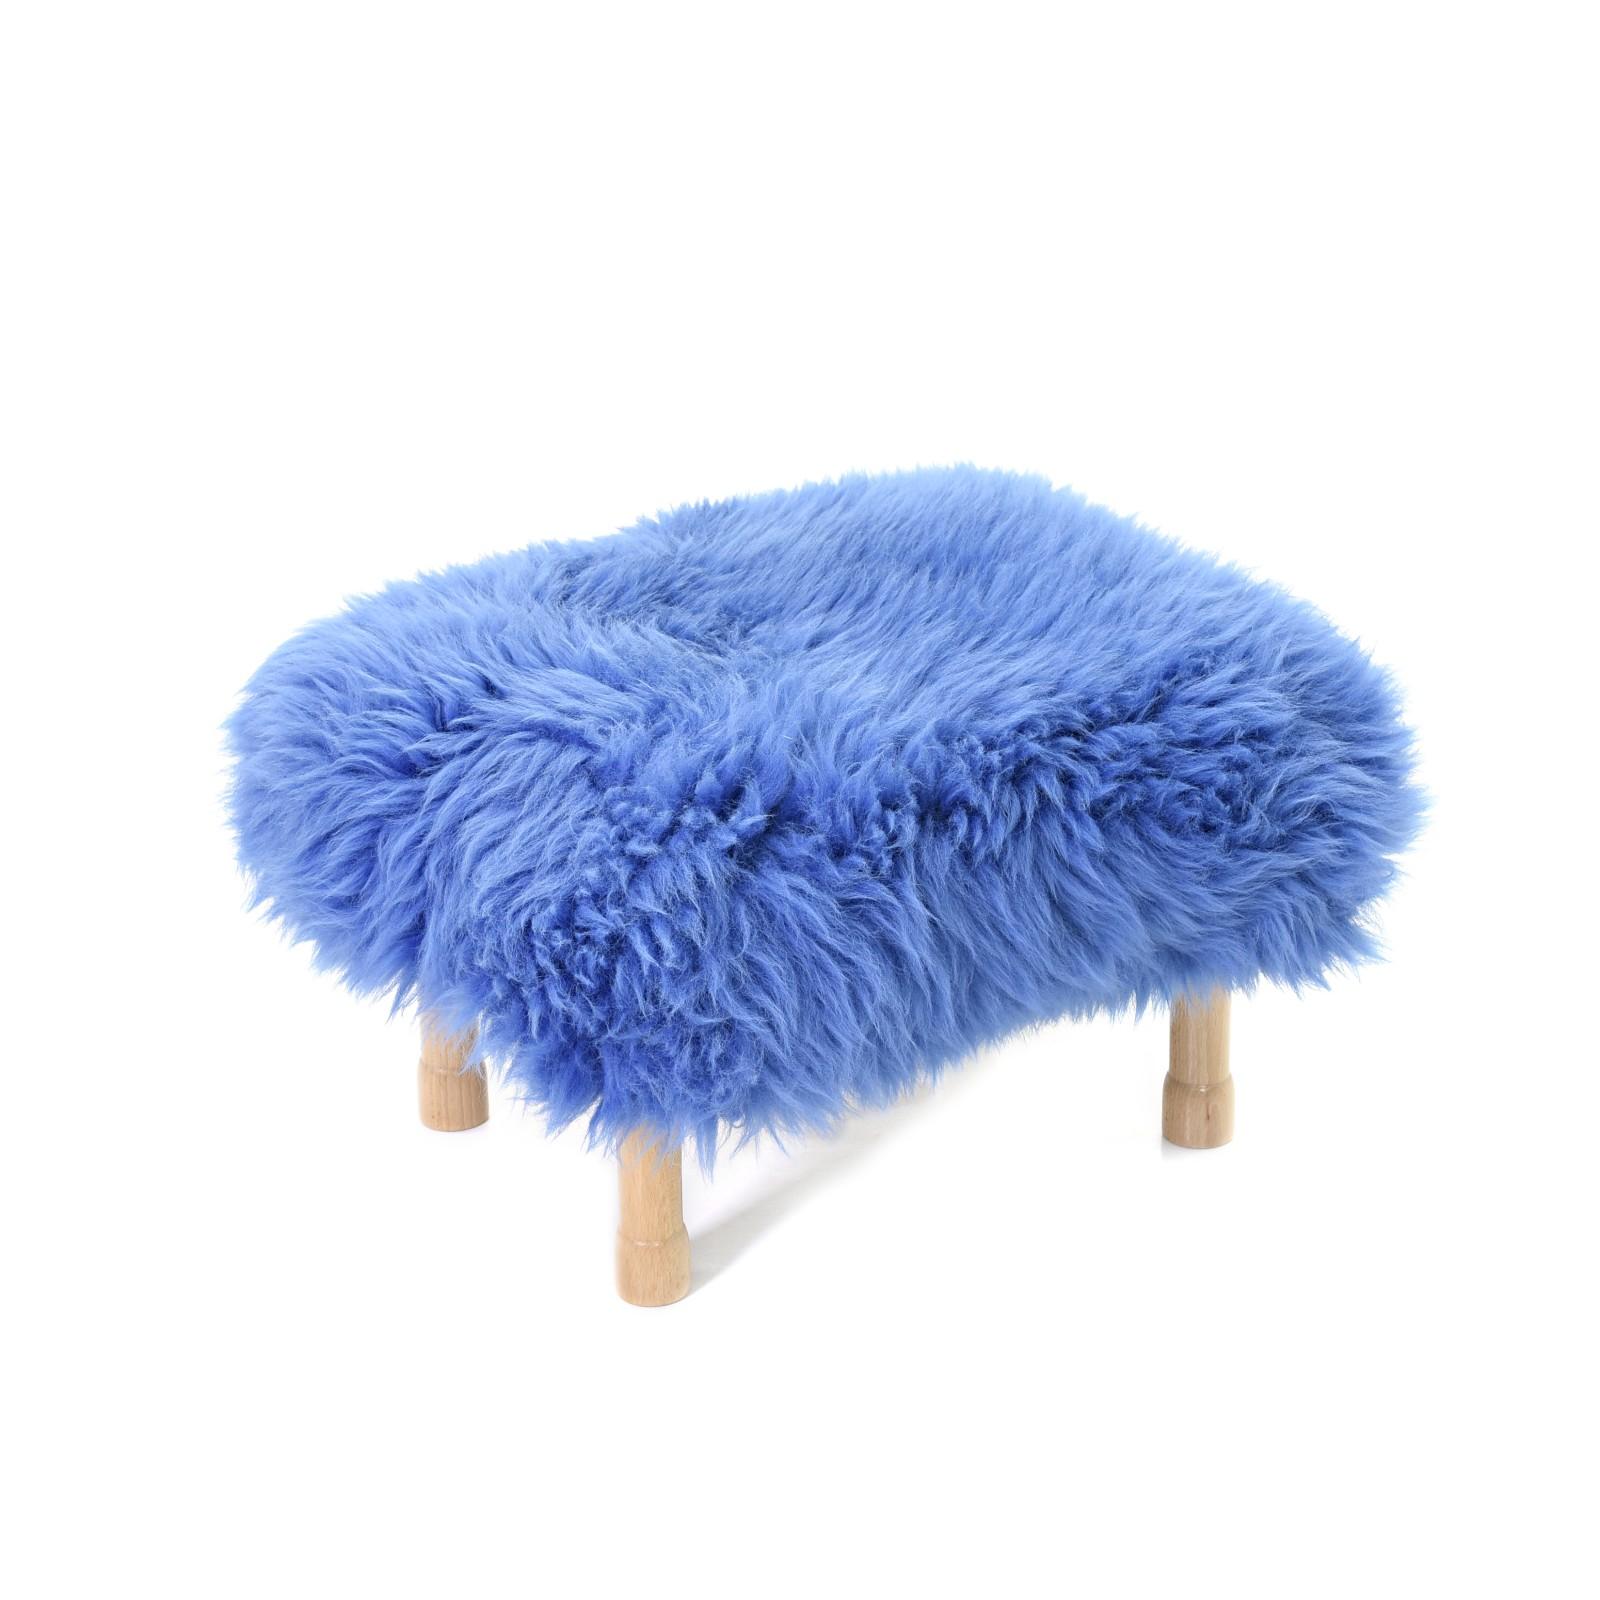 Dilys Sheepskin Footstool Cornflower Blue